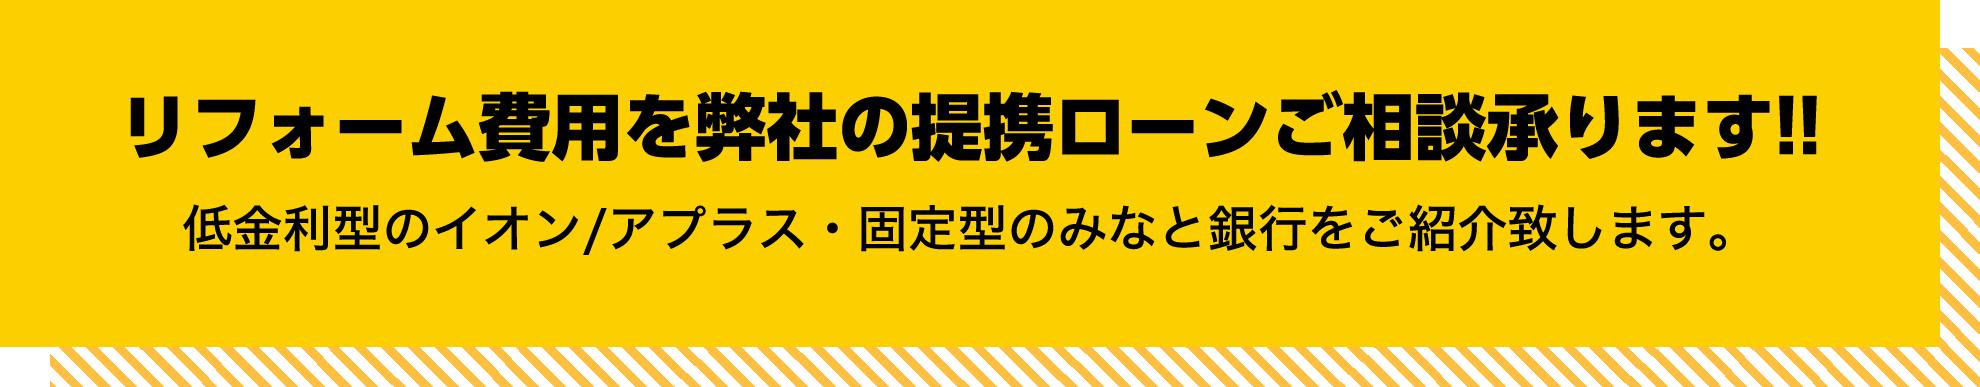 リフォーム費用を弊社の提携ローンご相談承ります!!